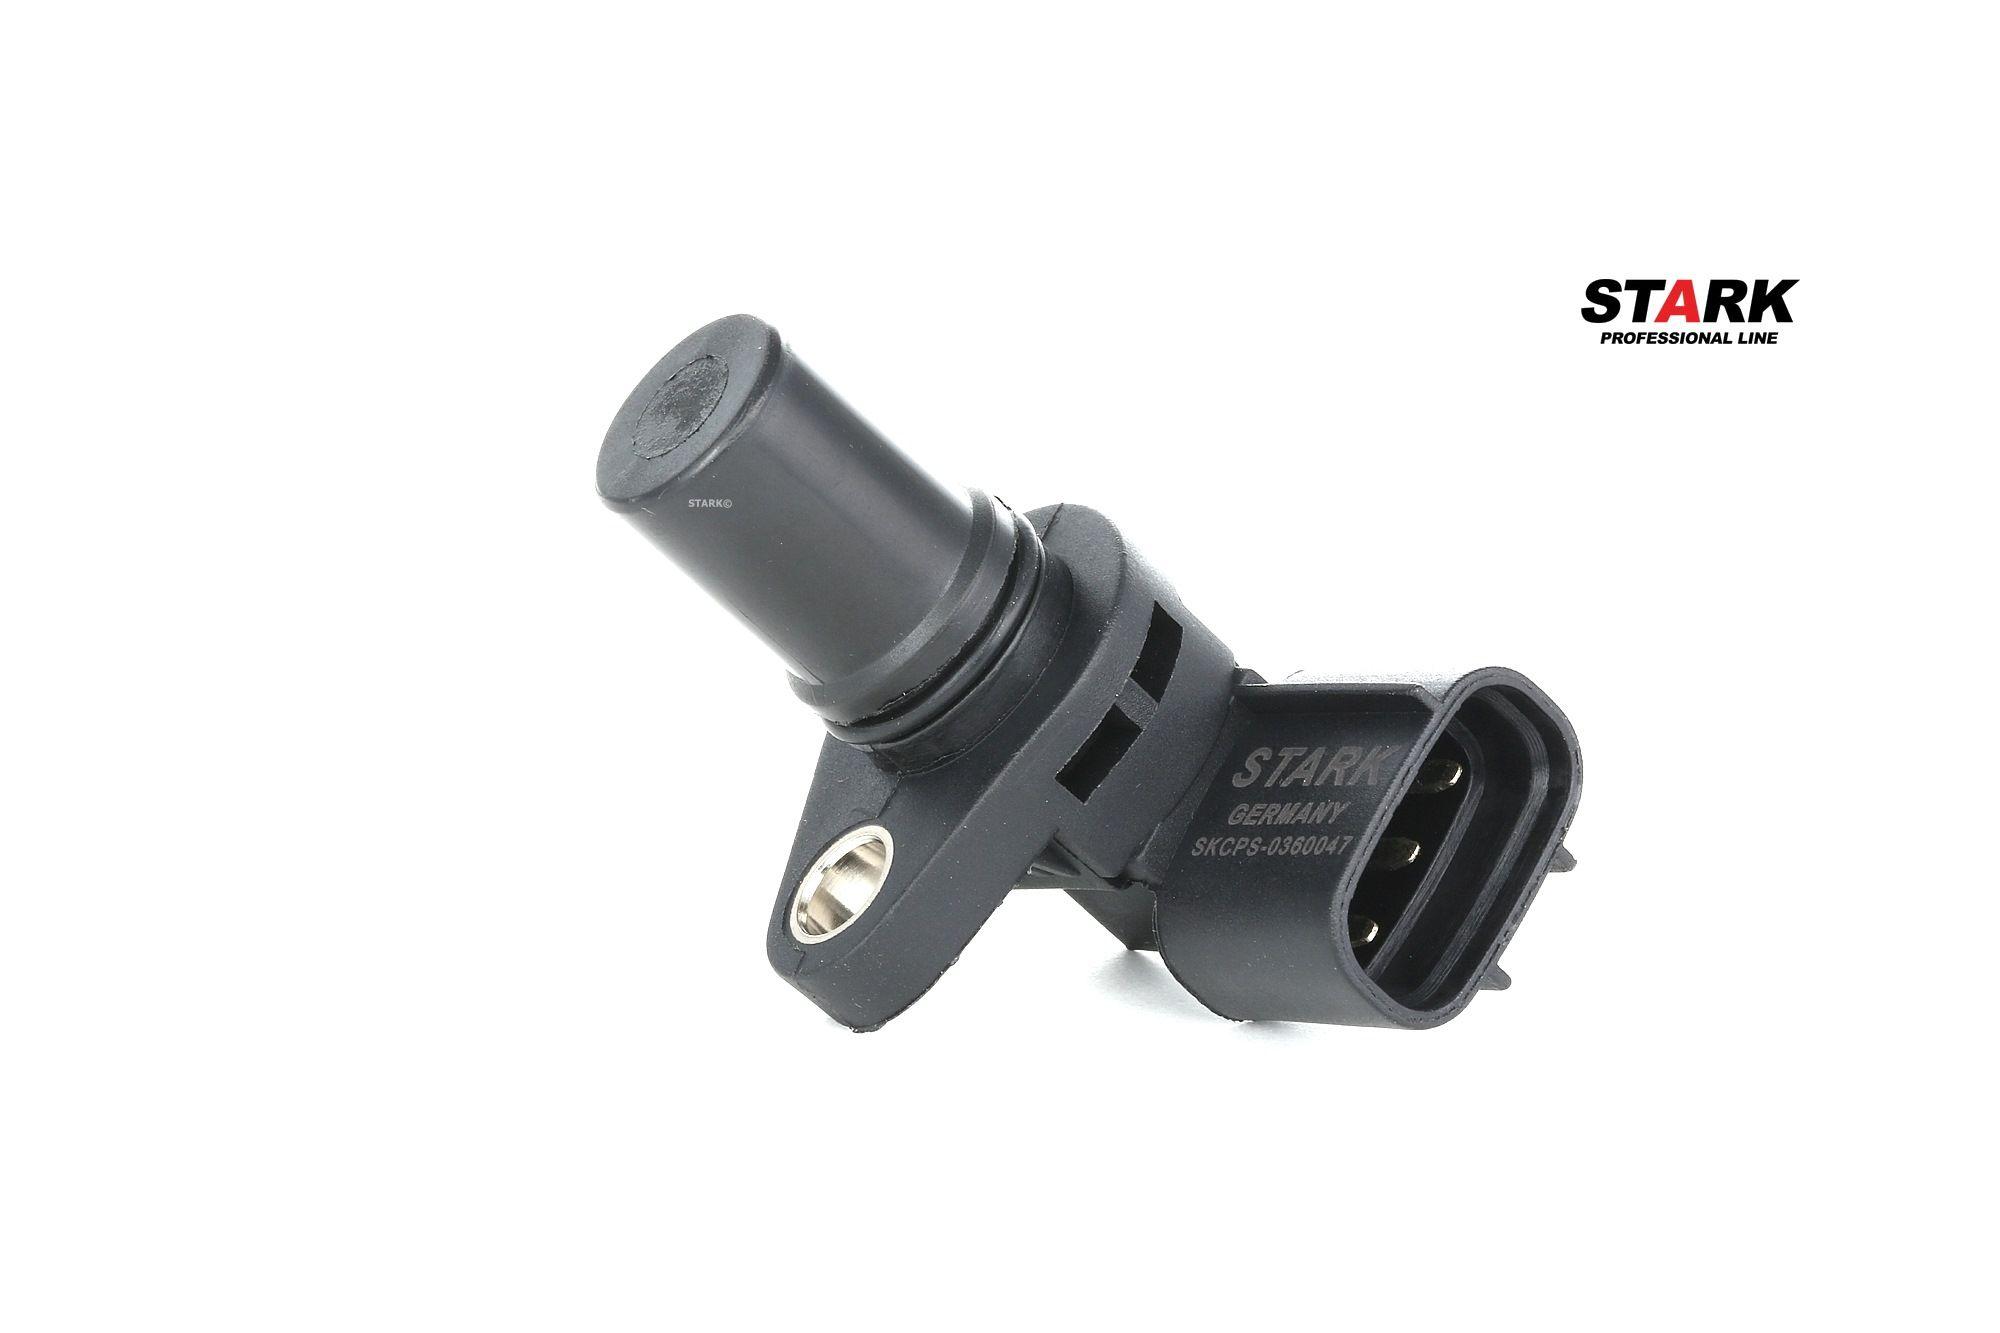 STARK: Original Ot Geber SKCPS-0360047 (Anschlussanzahl: 3, Pol-Anzahl: 3-polig)